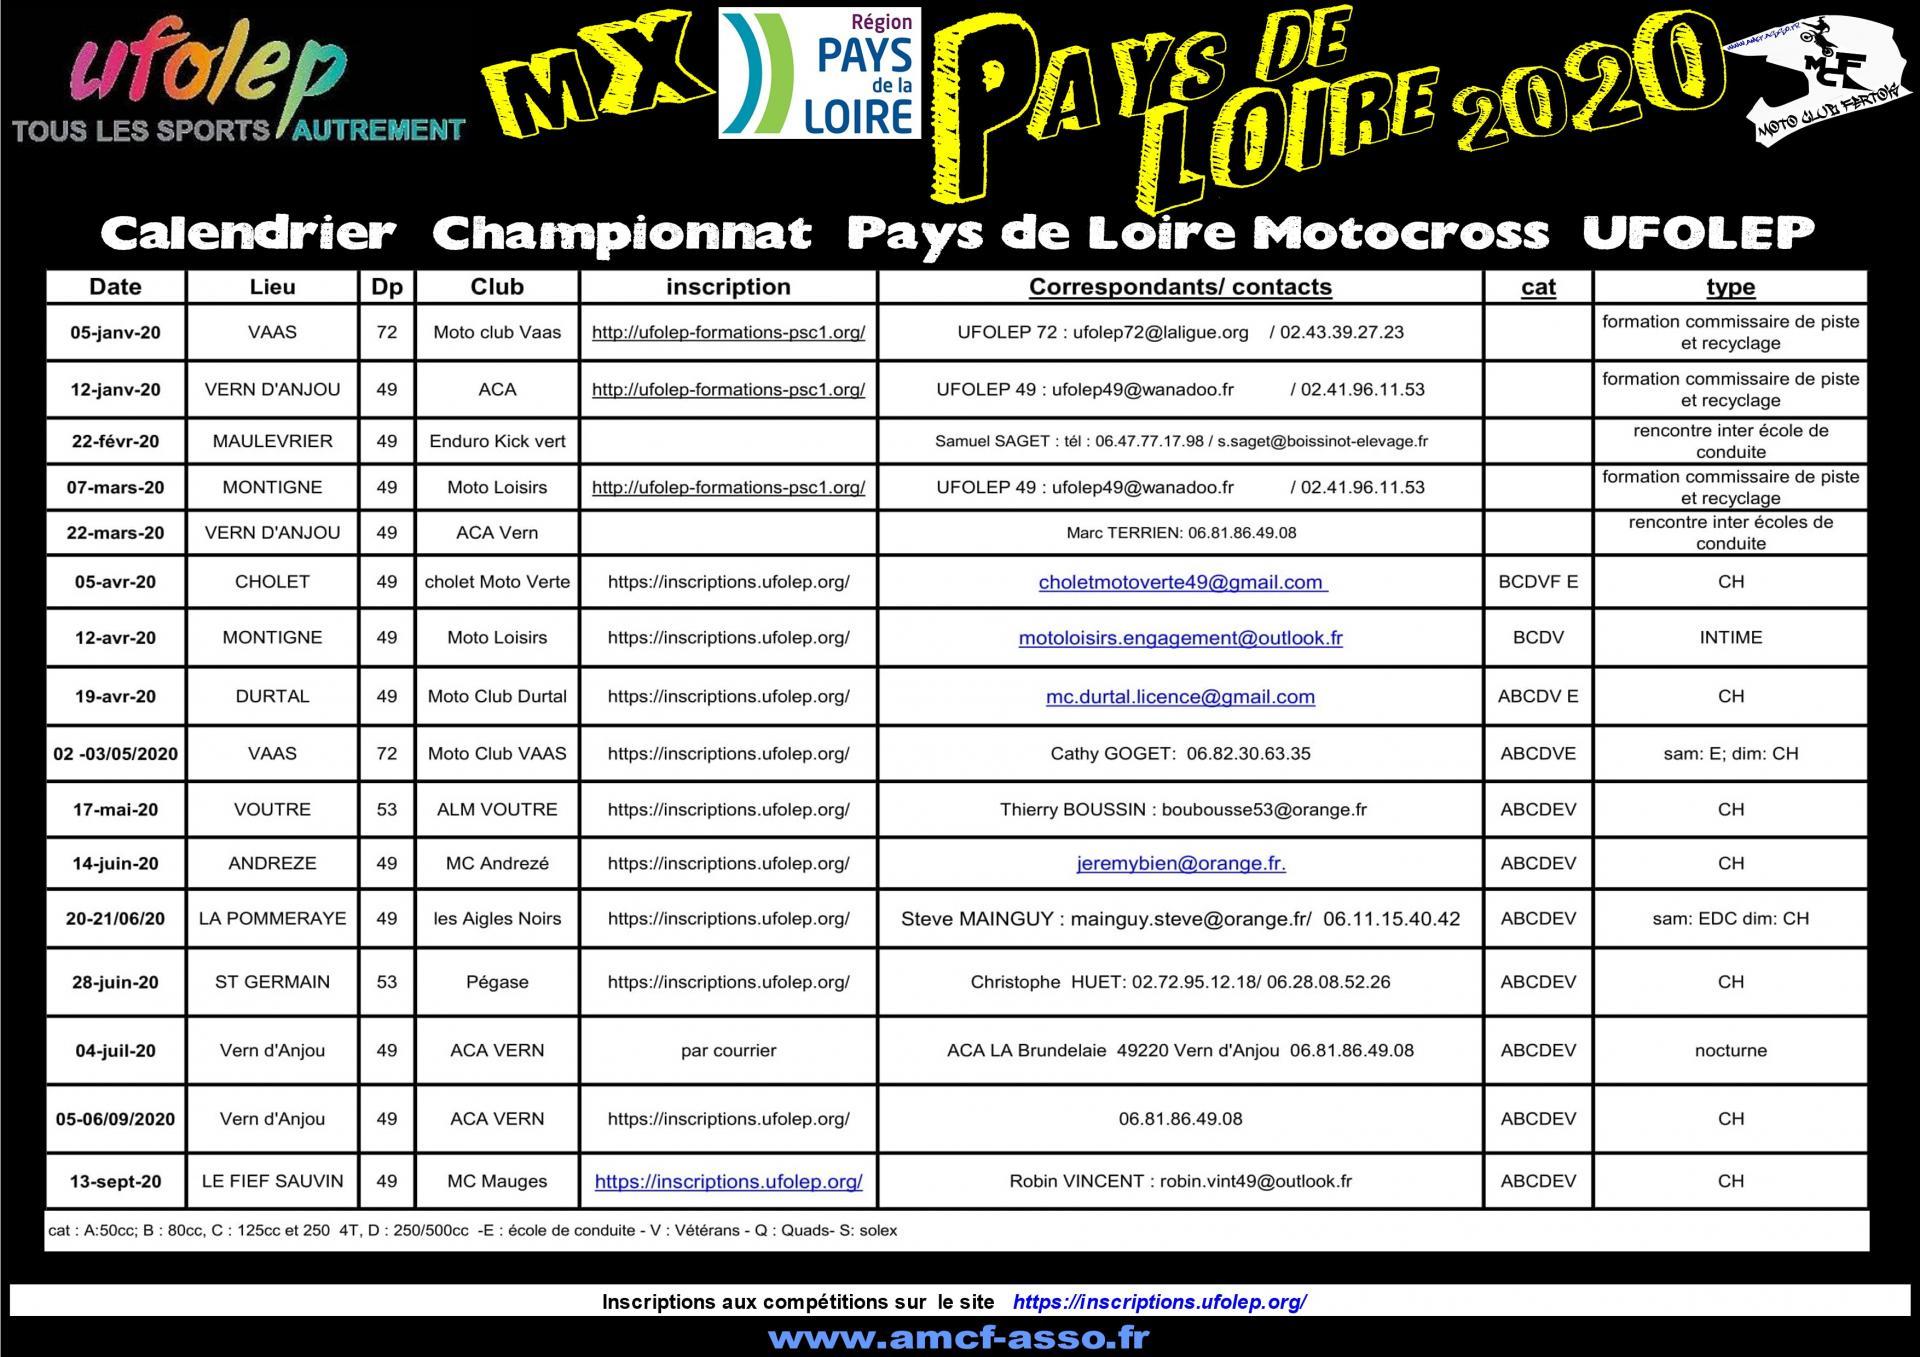 Calendrier Motocross Ufolep 2020 NORMANDIE,PAYS DE LOIRE,